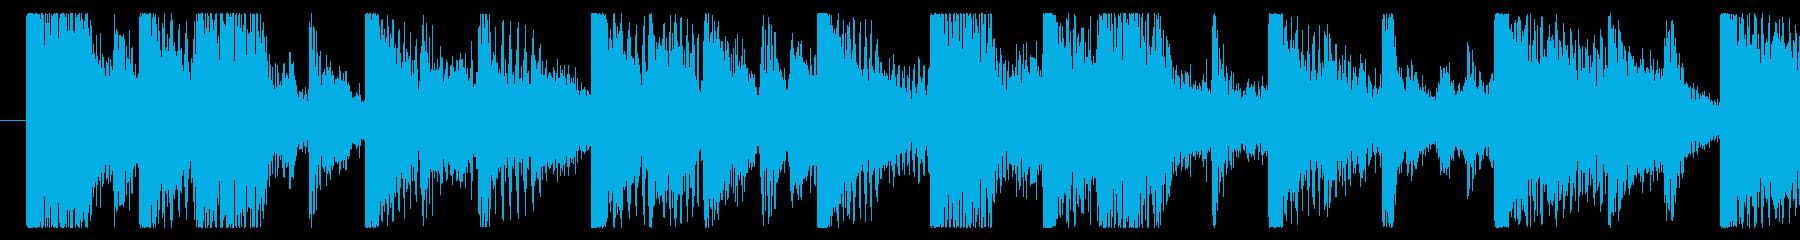 気分の上がるファンクロック-ループ2の再生済みの波形